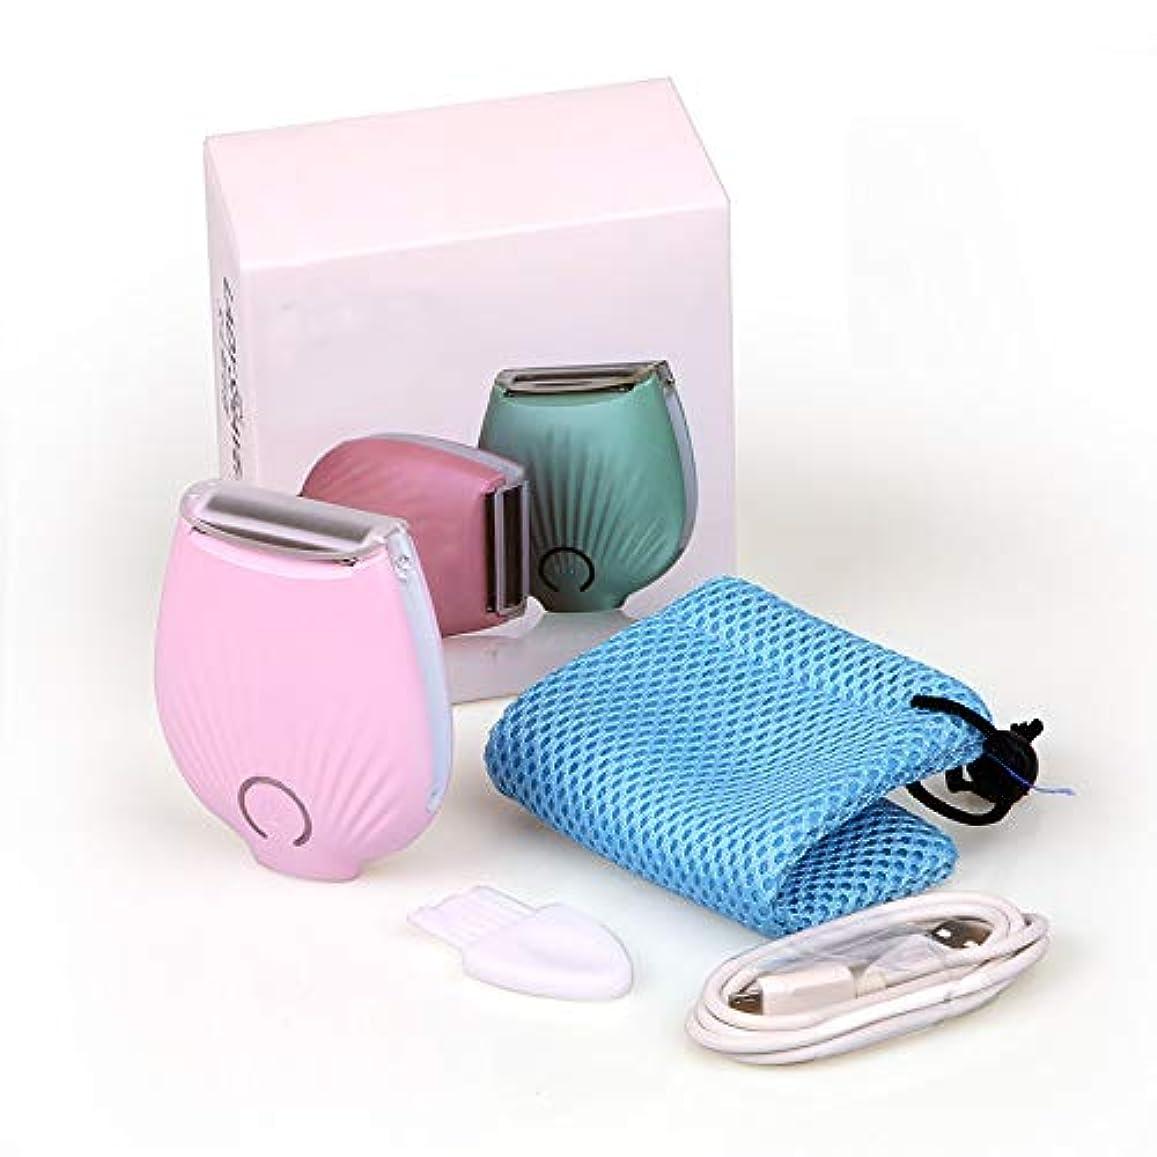 製油所告白実行可能女性のための電気かみそり、足のための痛みのないビキニトリマーボディ毛の除去剤濡れて乾いたコードレス充電式防水,Pink